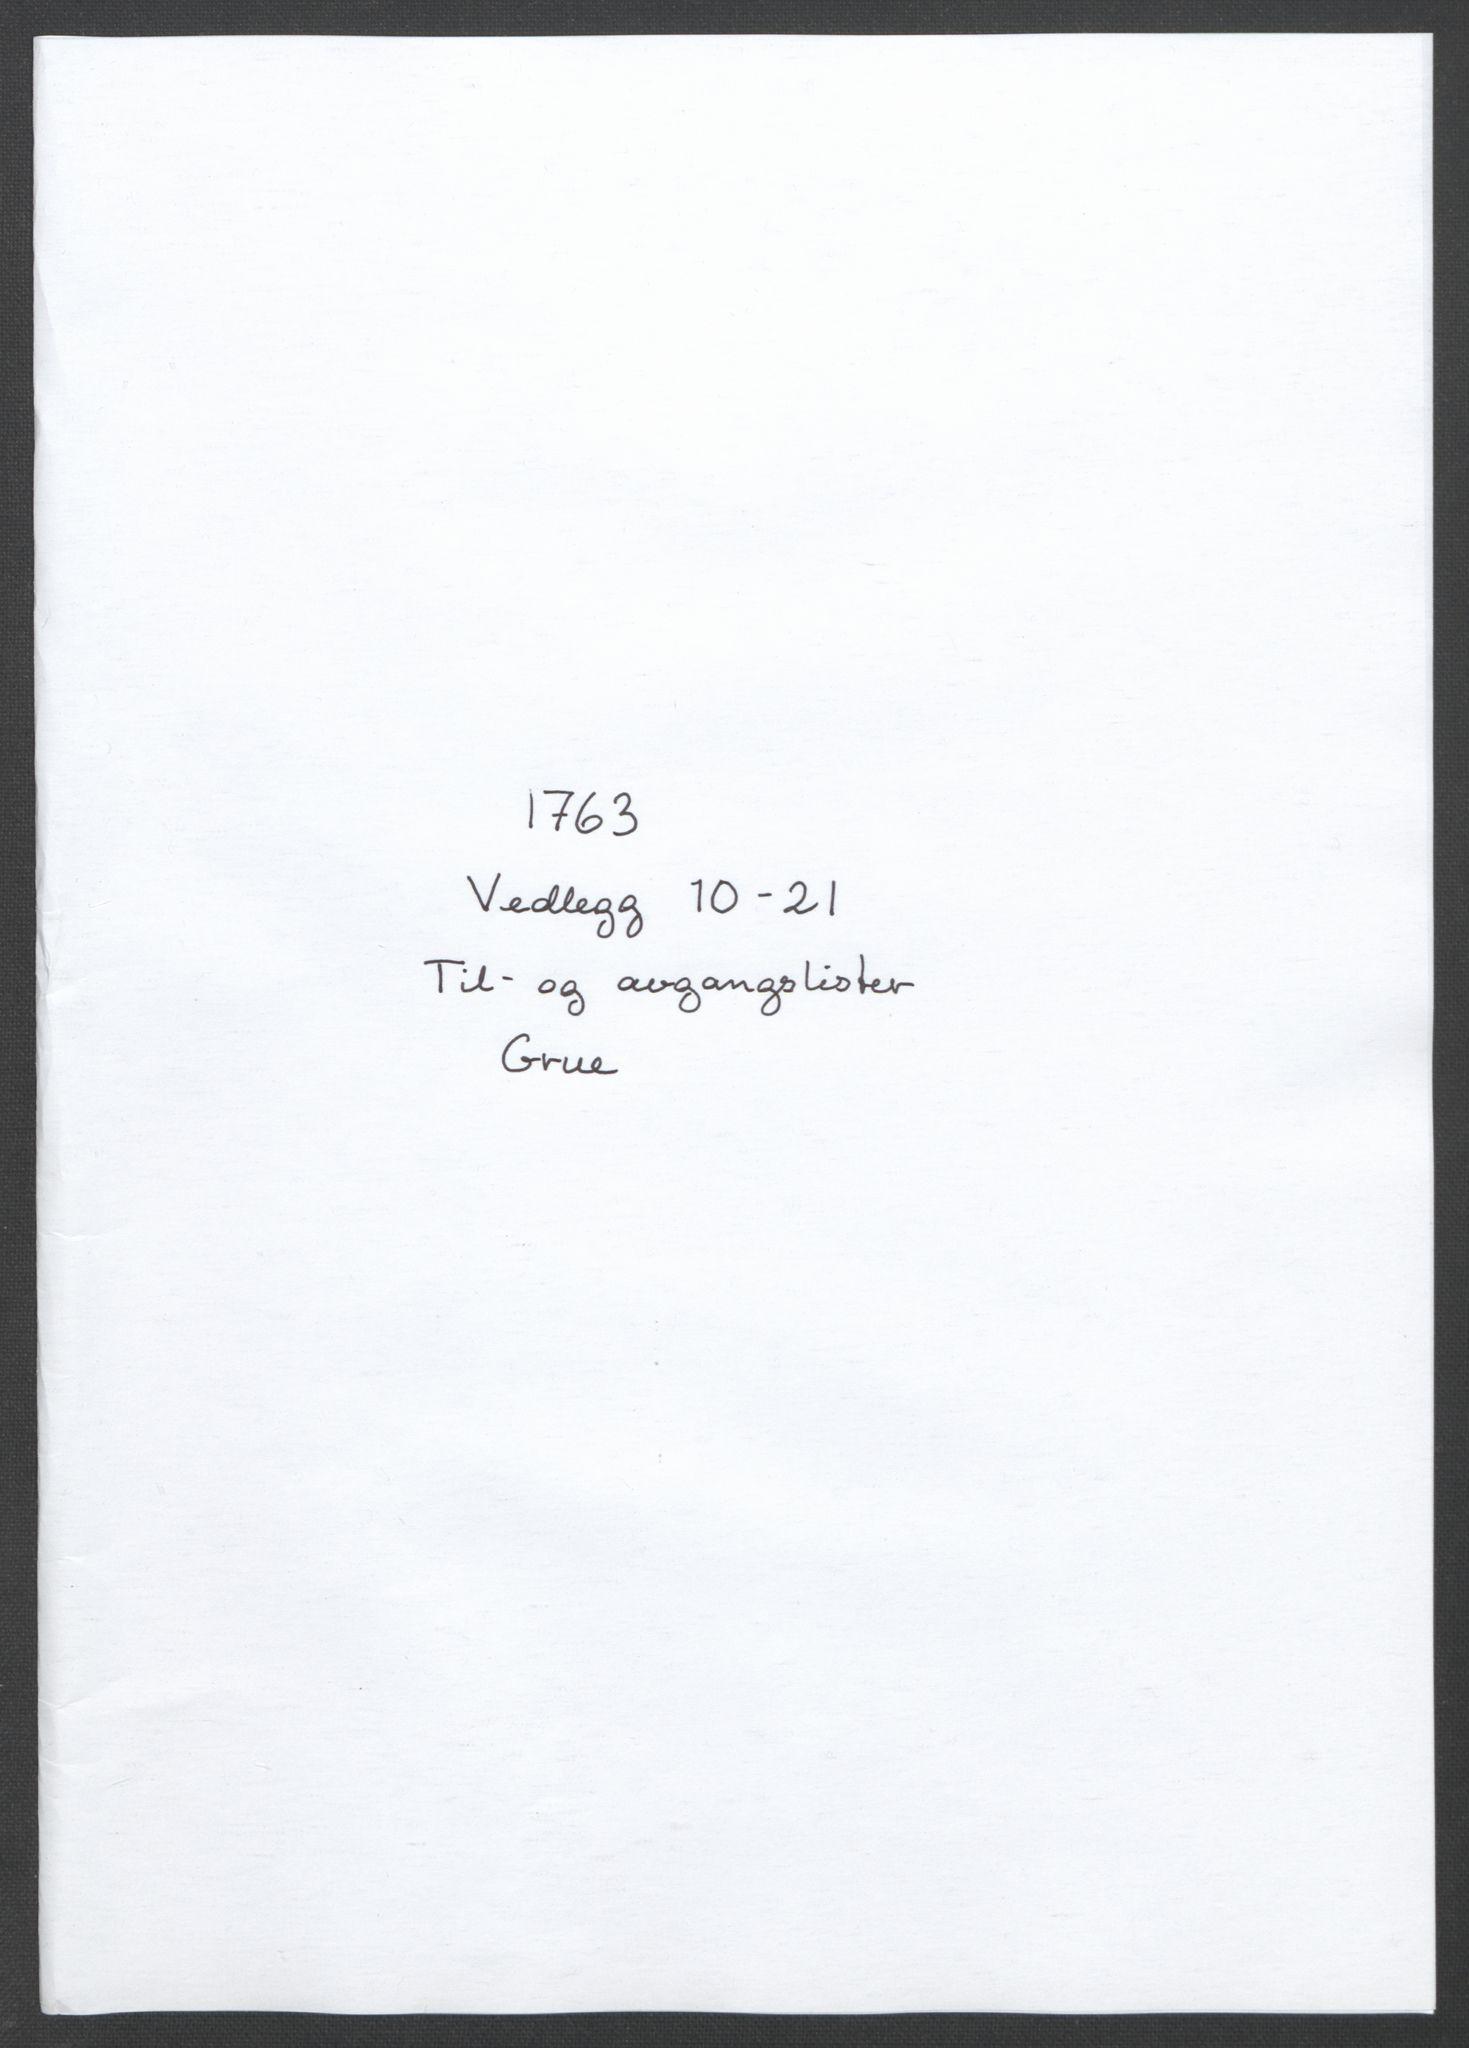 RA, Rentekammeret inntil 1814, Reviderte regnskaper, Fogderegnskap, R14/L0959: Ekstraskatten Solør og Odal, 1763-1770, s. 77